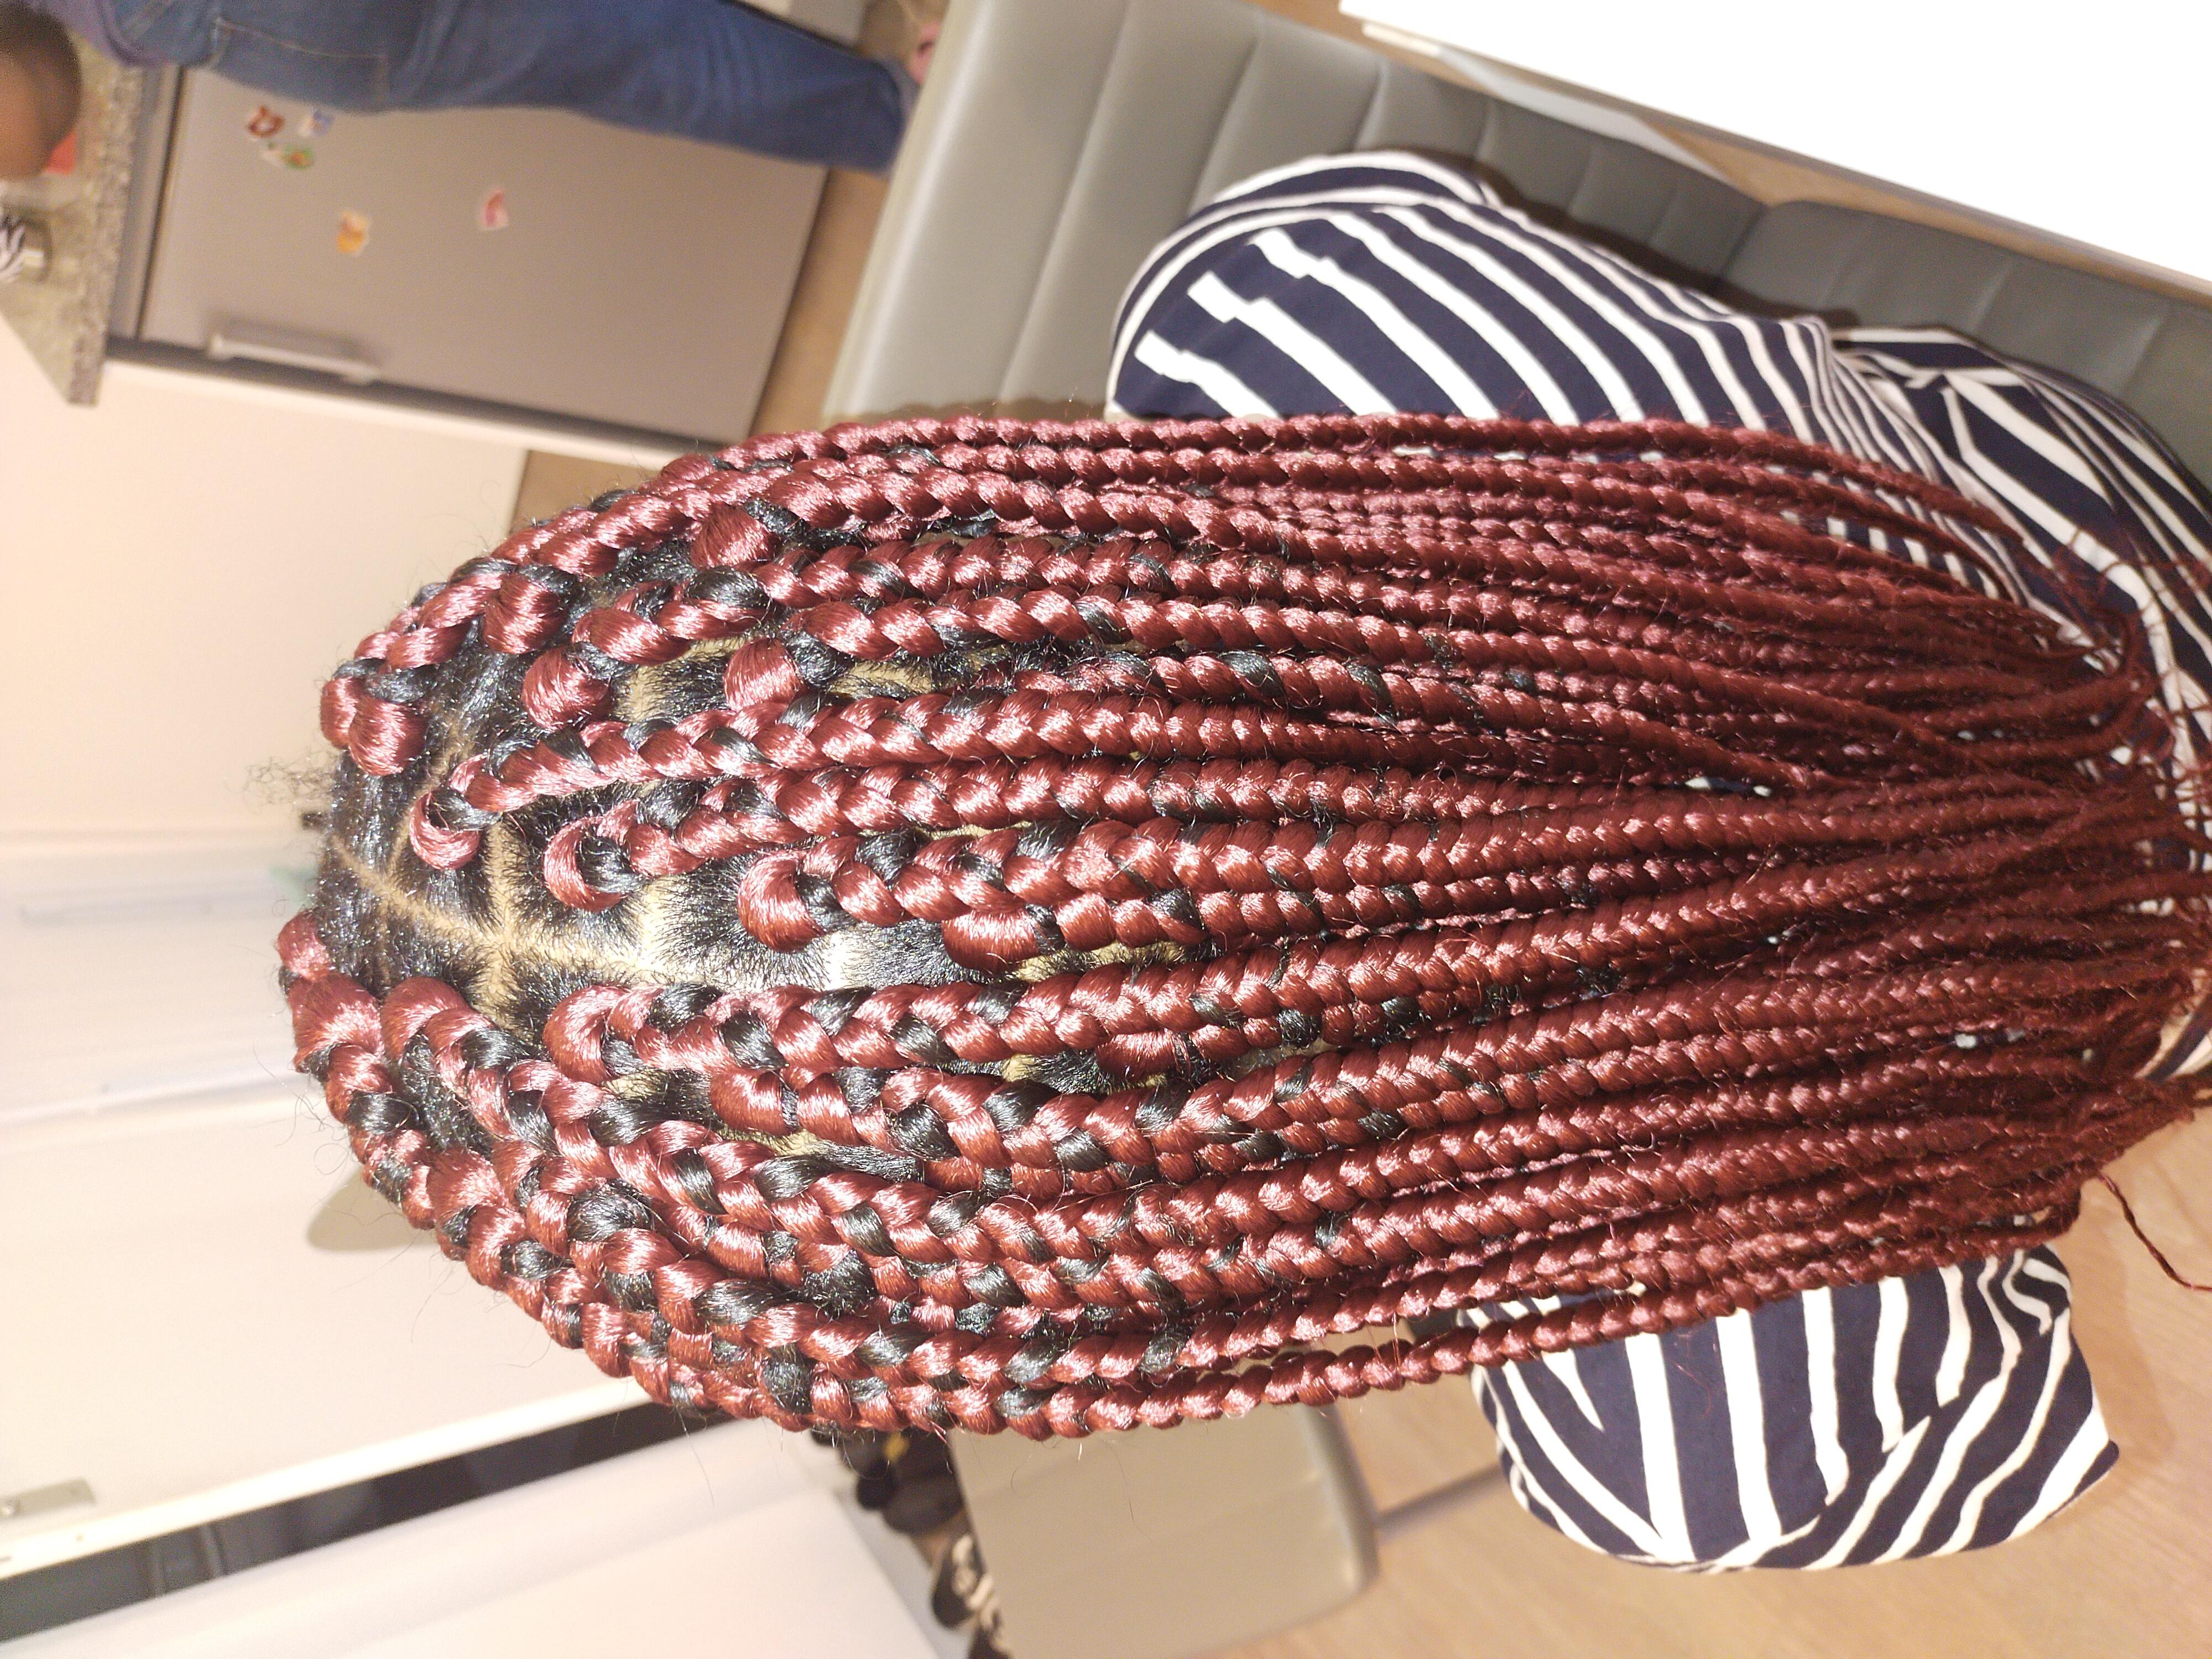 salon de coiffure afro tresse tresses box braids crochet braids vanilles tissages paris 75 77 78 91 92 93 94 95 REJTNNHD